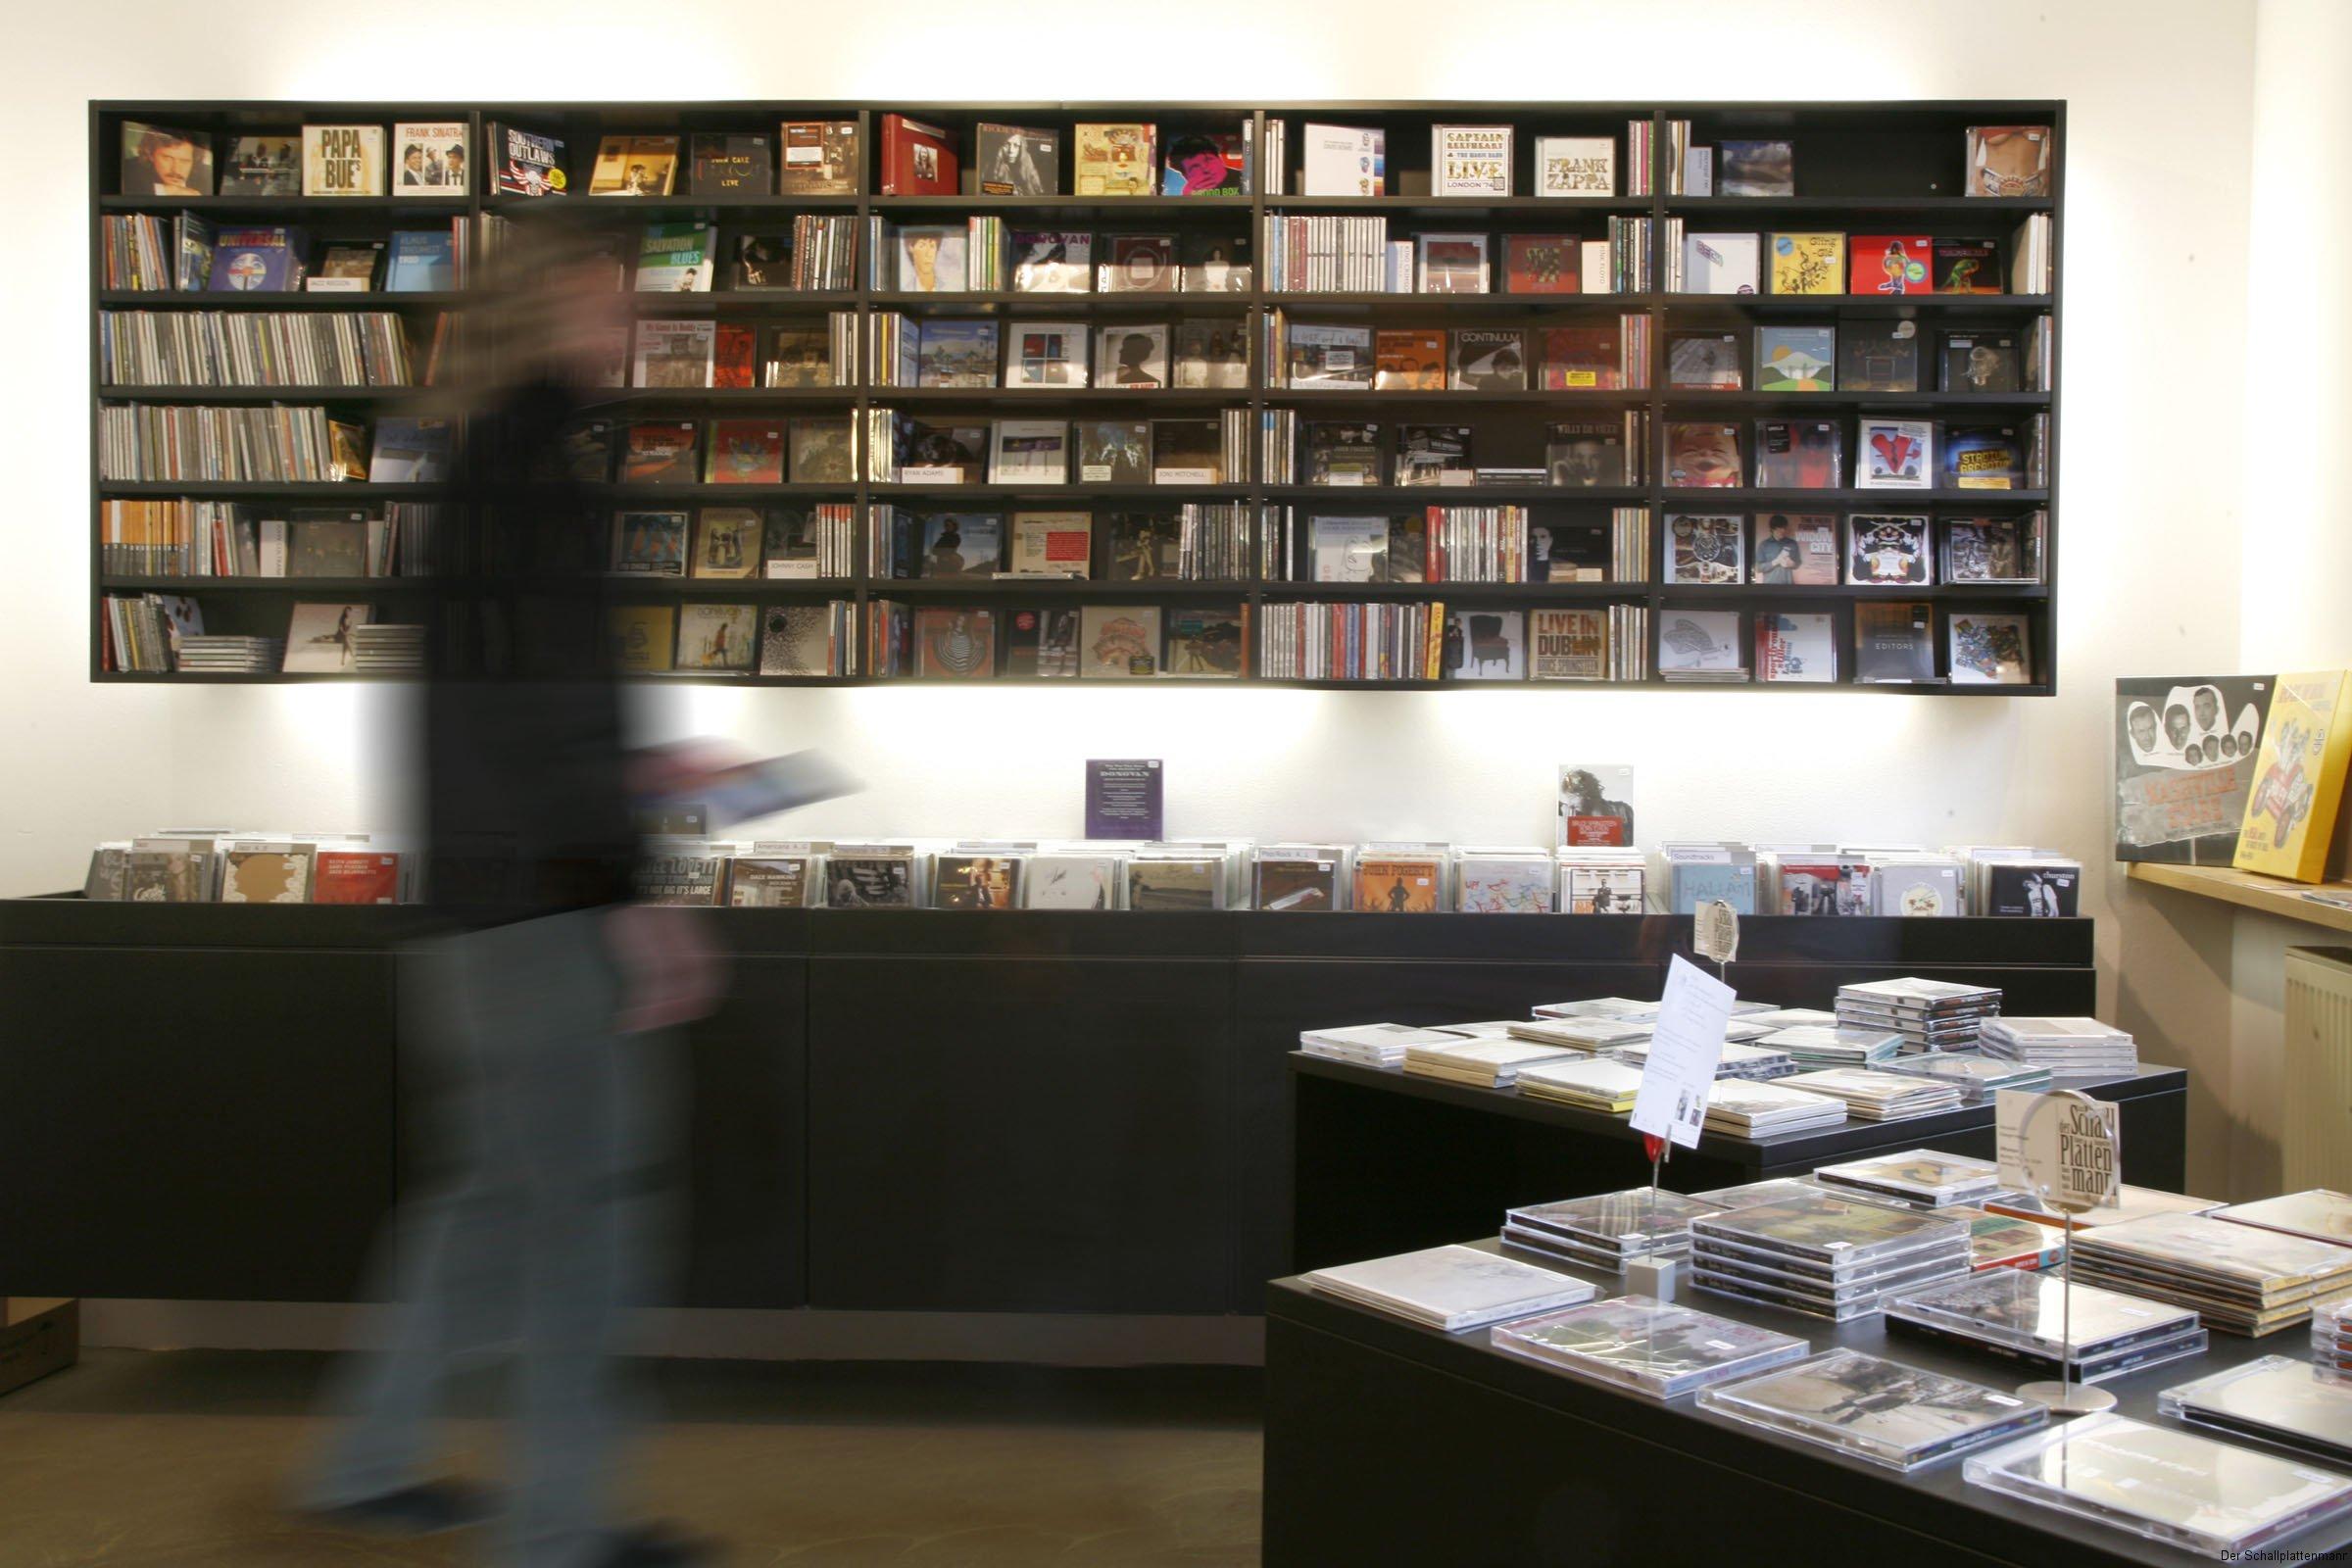 CDs in puristischem Ambiente: Die Musik steht im Vordergrund